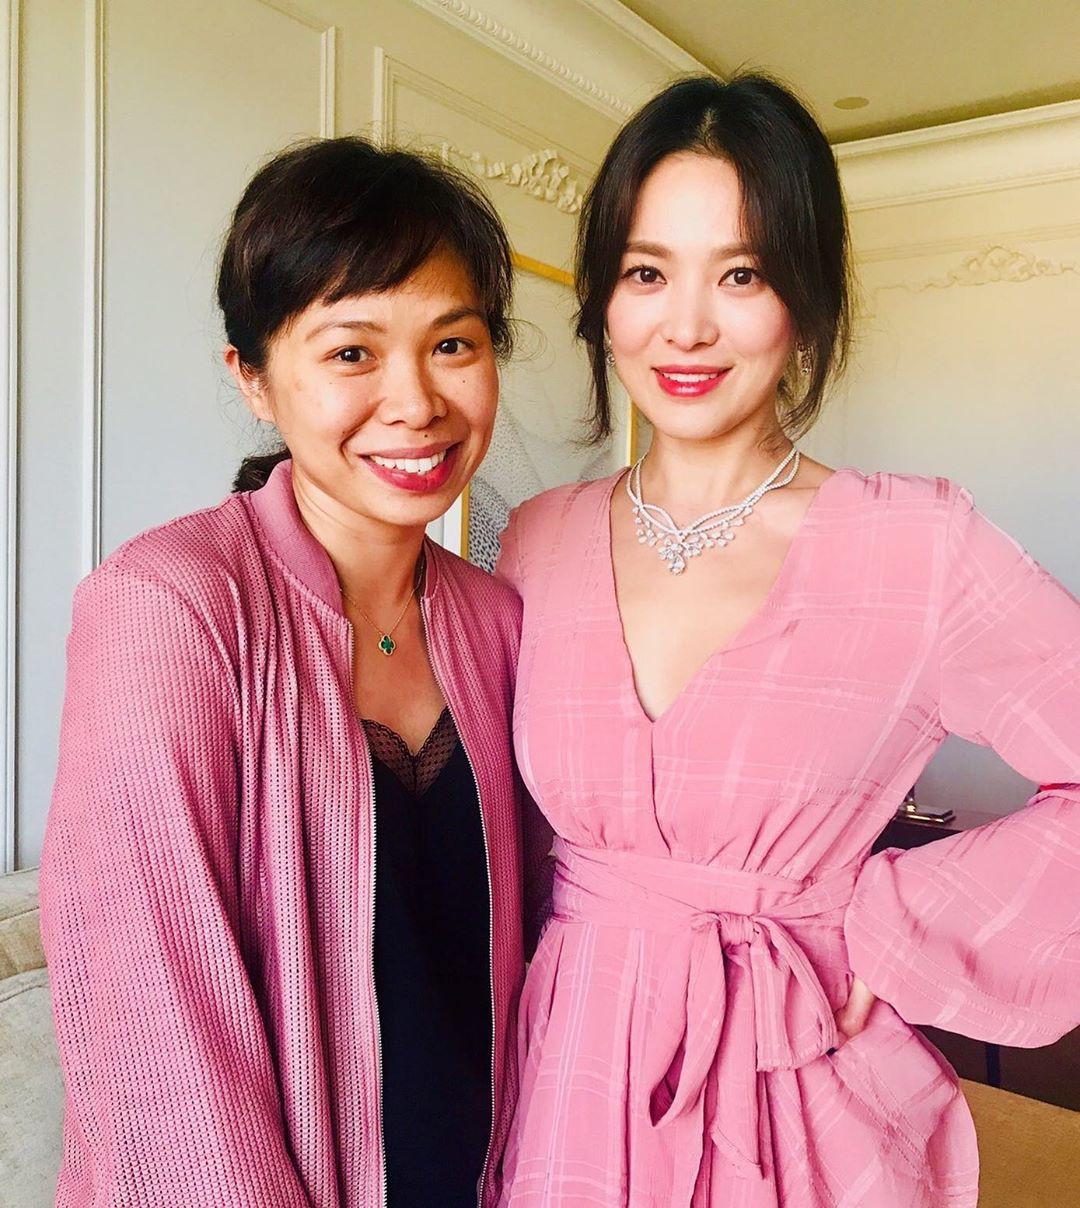 Công bố bài phỏng vấn đầu tiên của Song Hye Kyo giữa bão ly hôn: Tôi cần có một khoảng thời gian cho riêng mình - Ảnh 2.